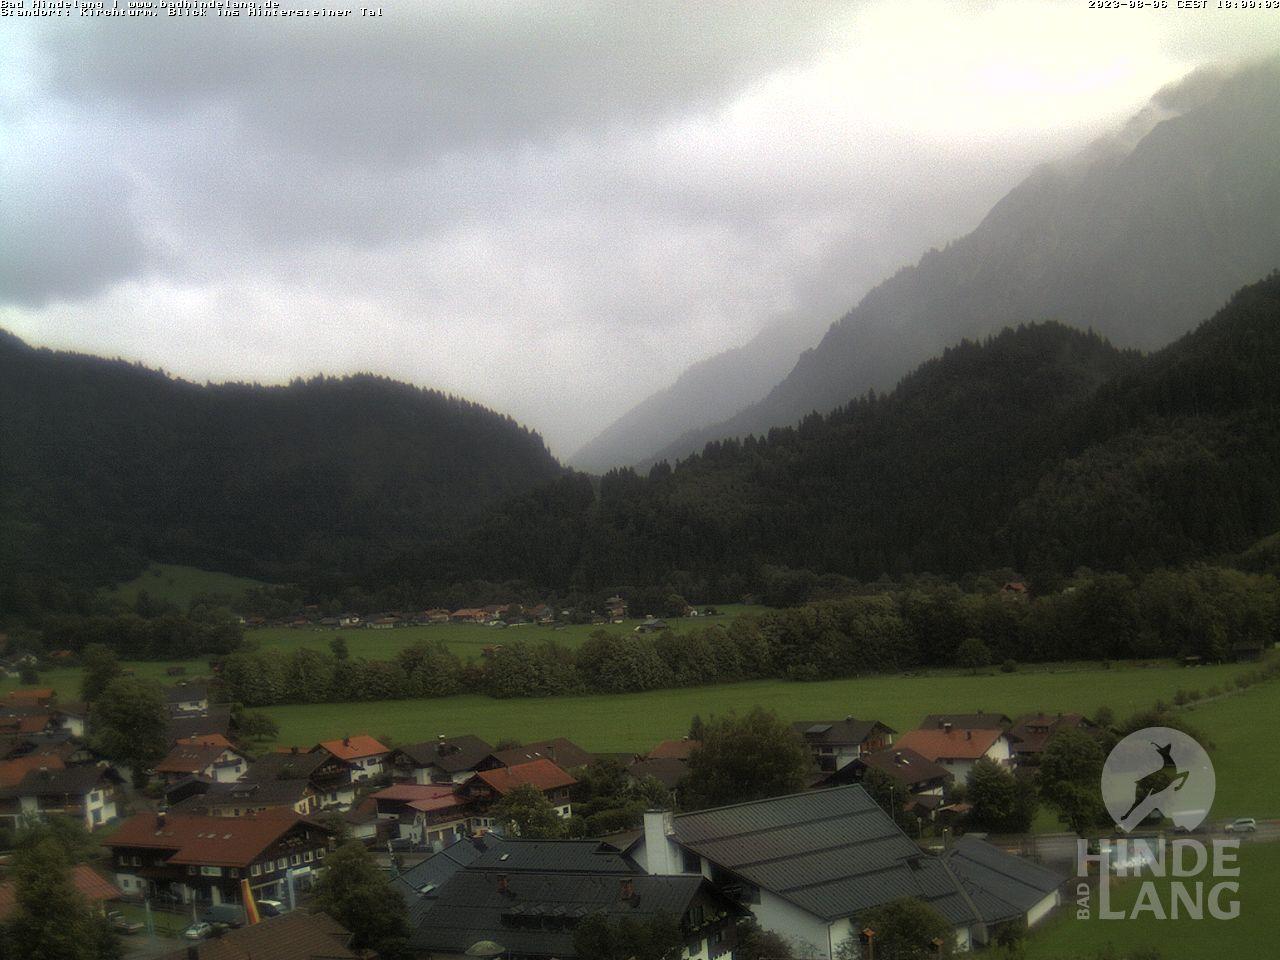 Webcam Bad Hindelang - Blick vom Kirchturm